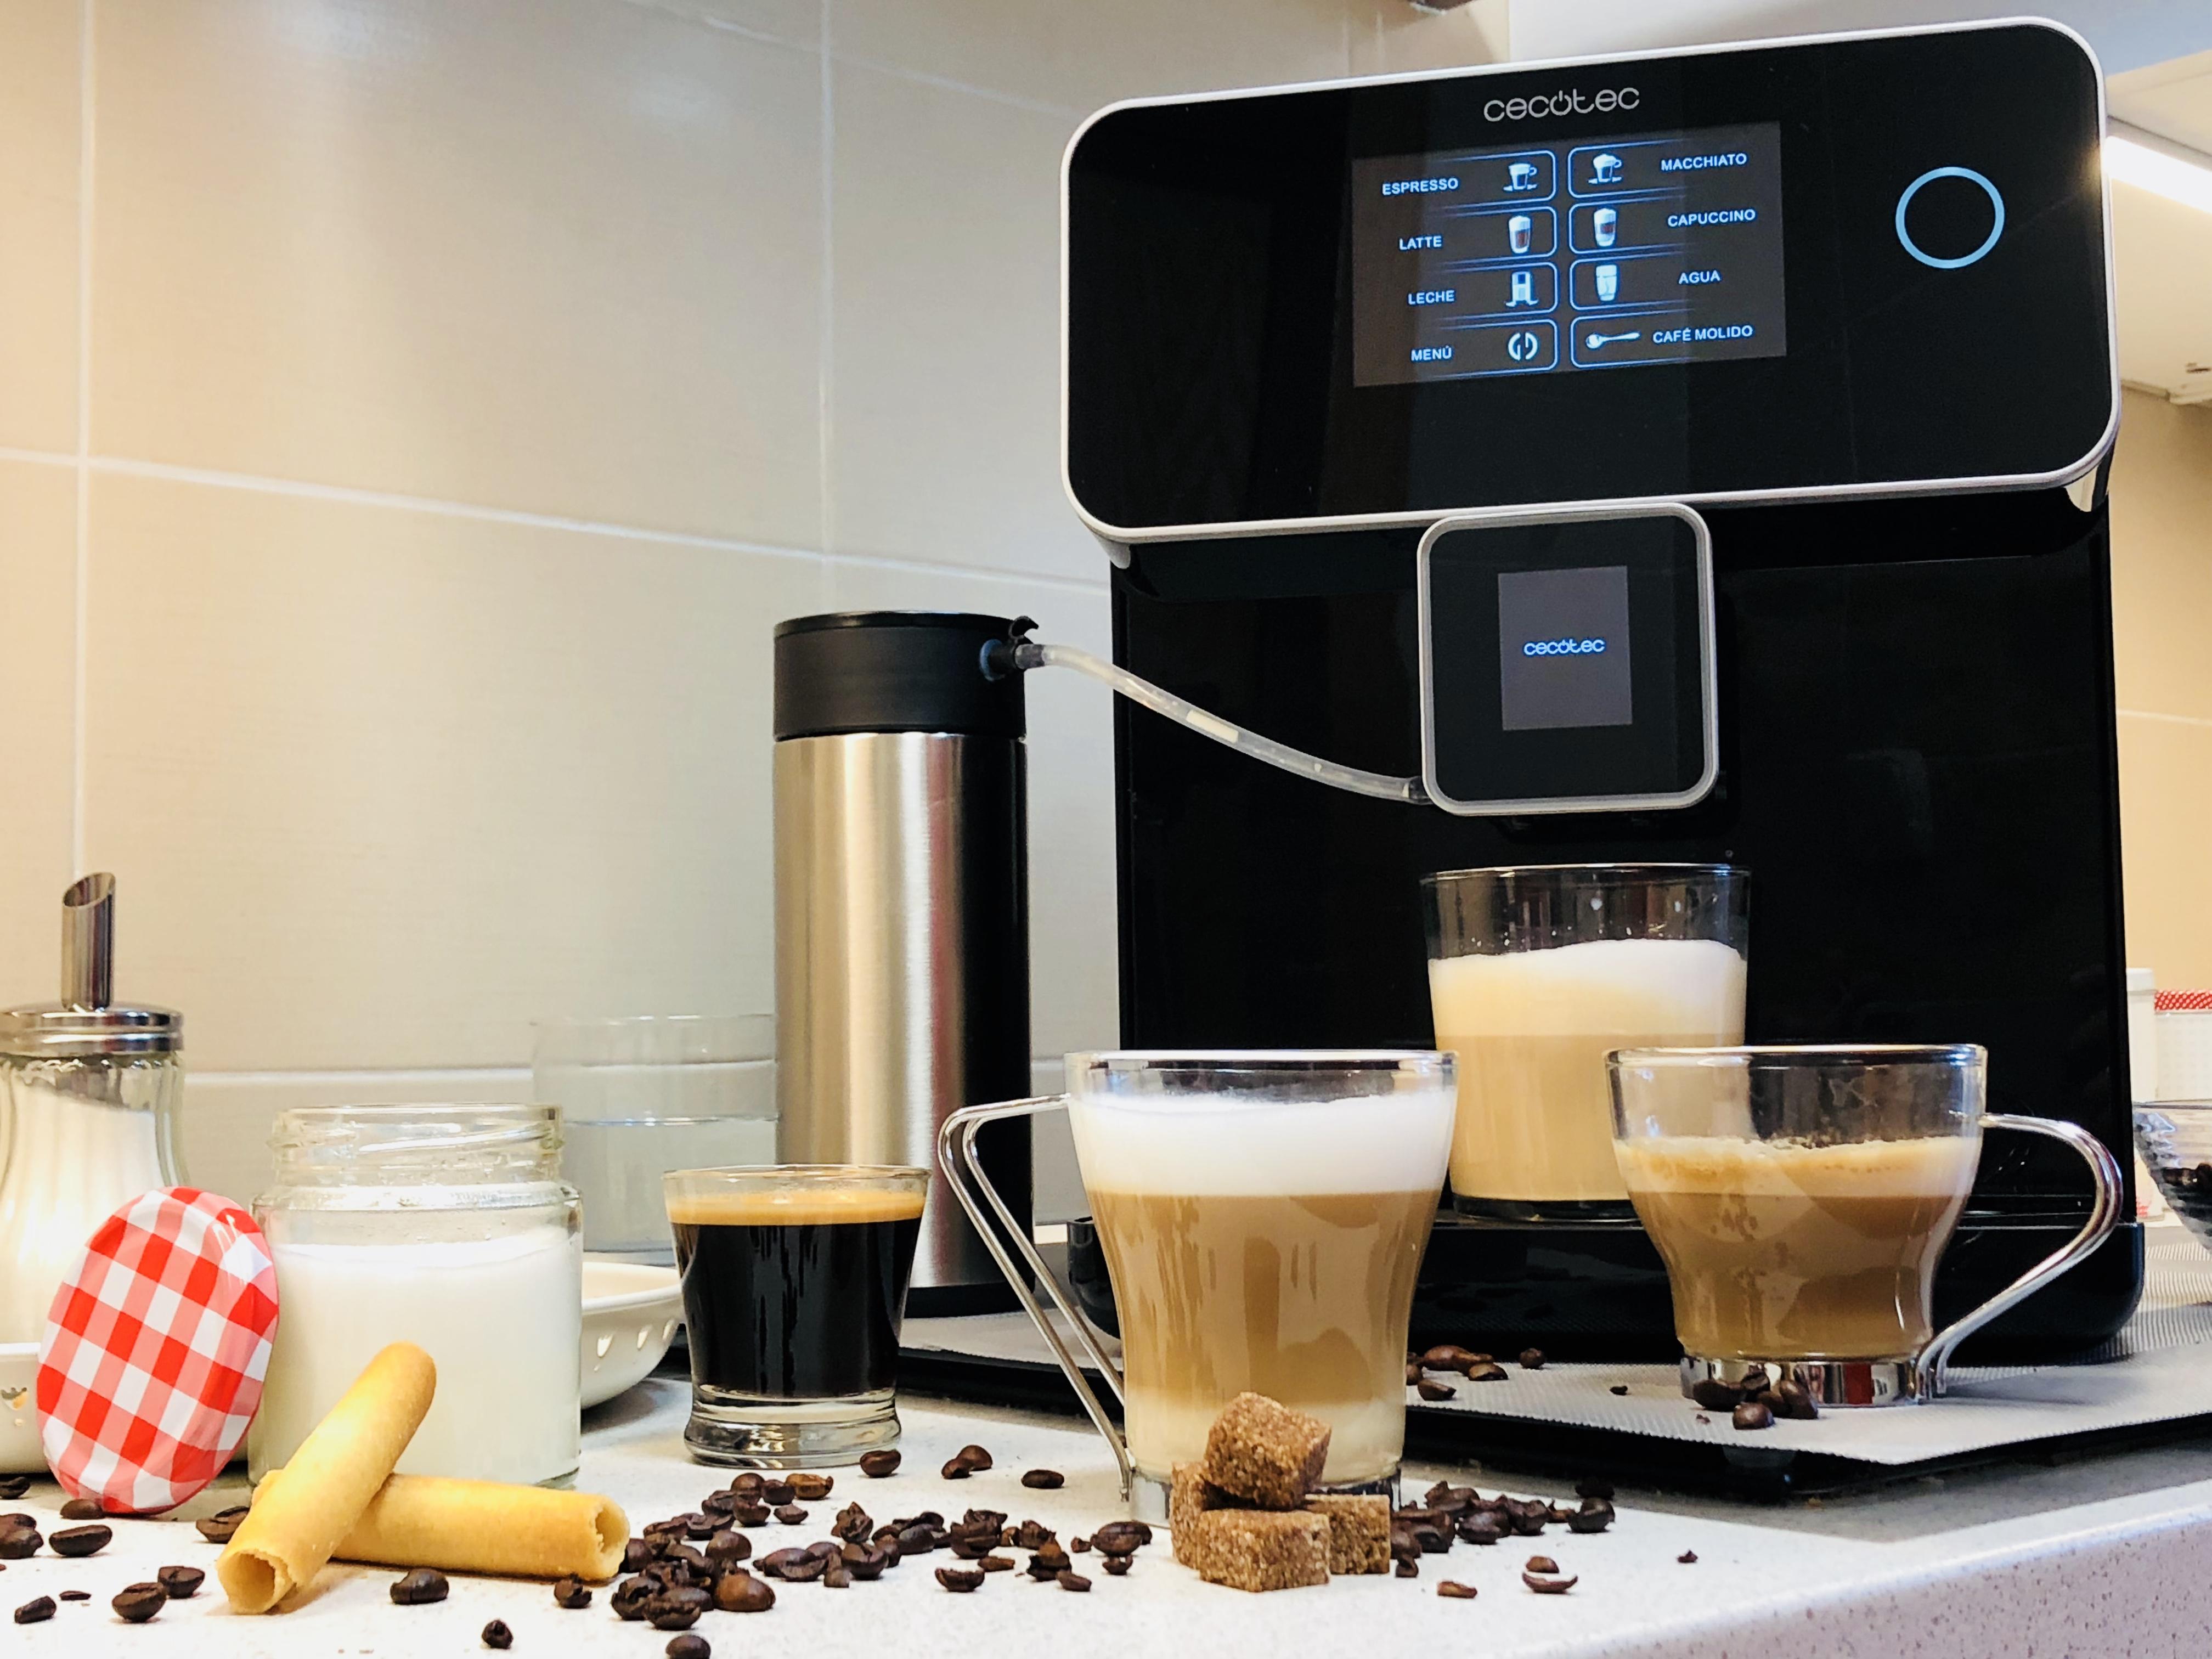 Cmáy pha cà phê tại nhà